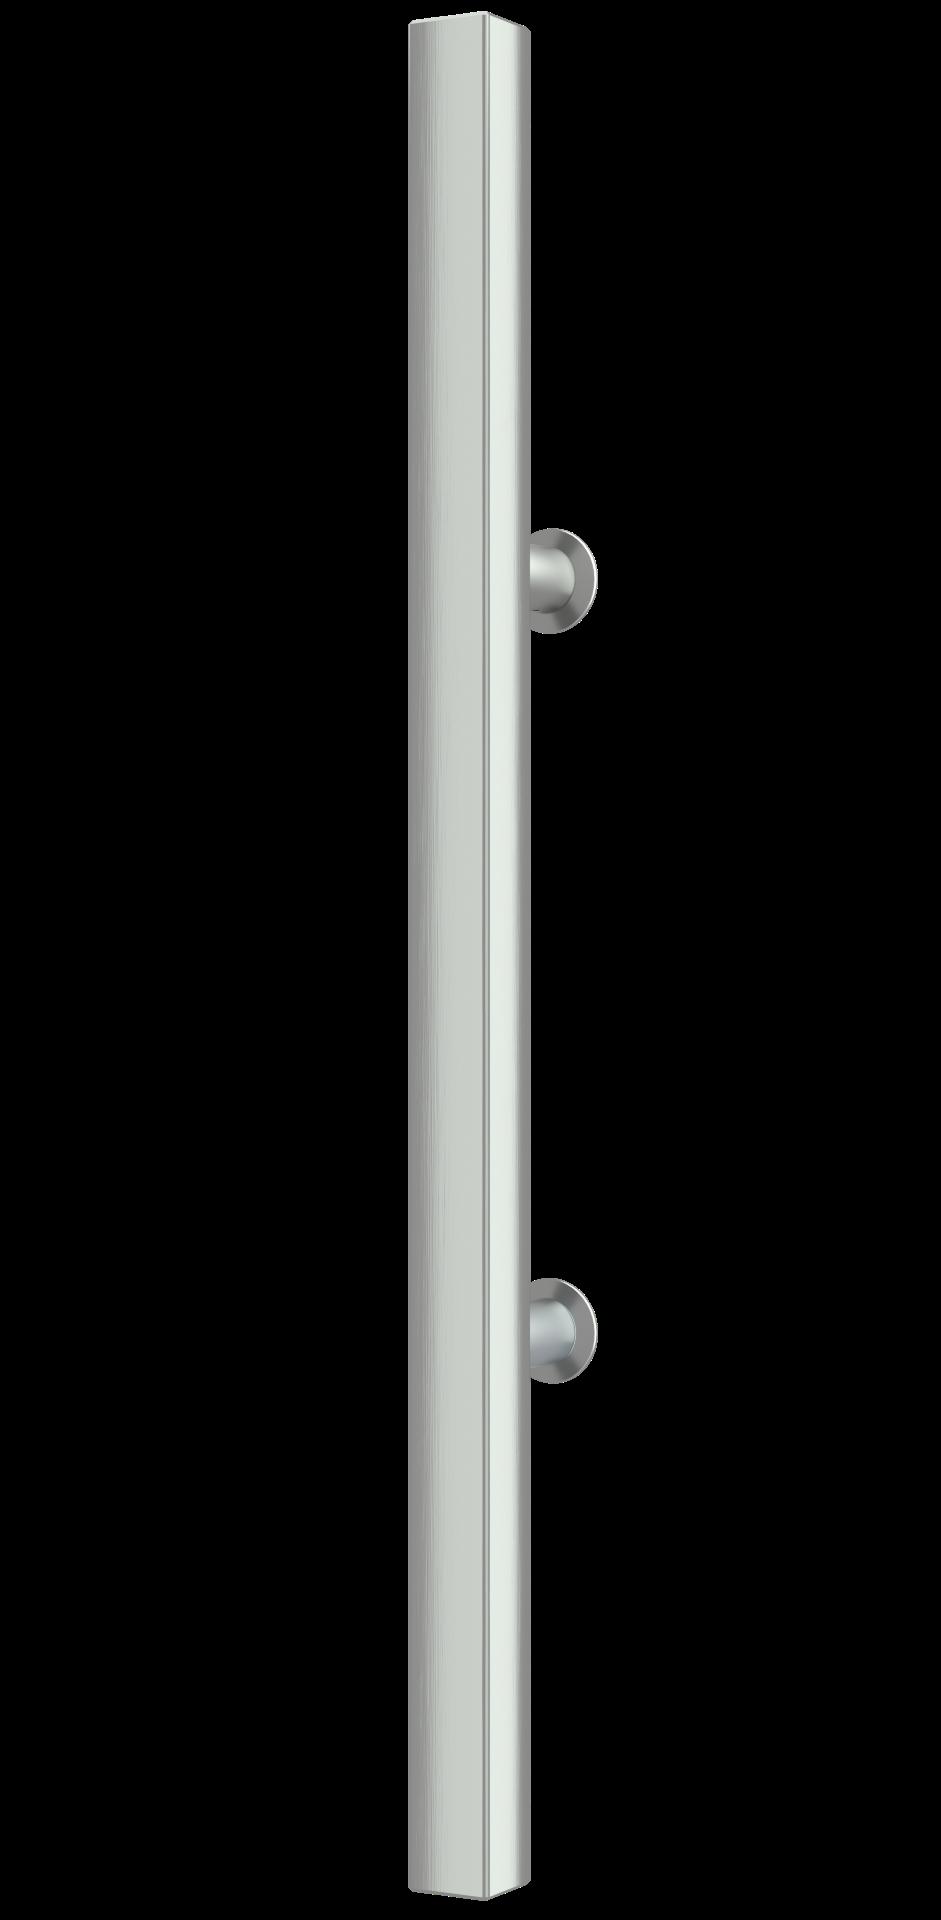 Griffingov ročaj GKV-ON-90-PRA iz linije Prime Line-inox ročaji za vhodna vrata